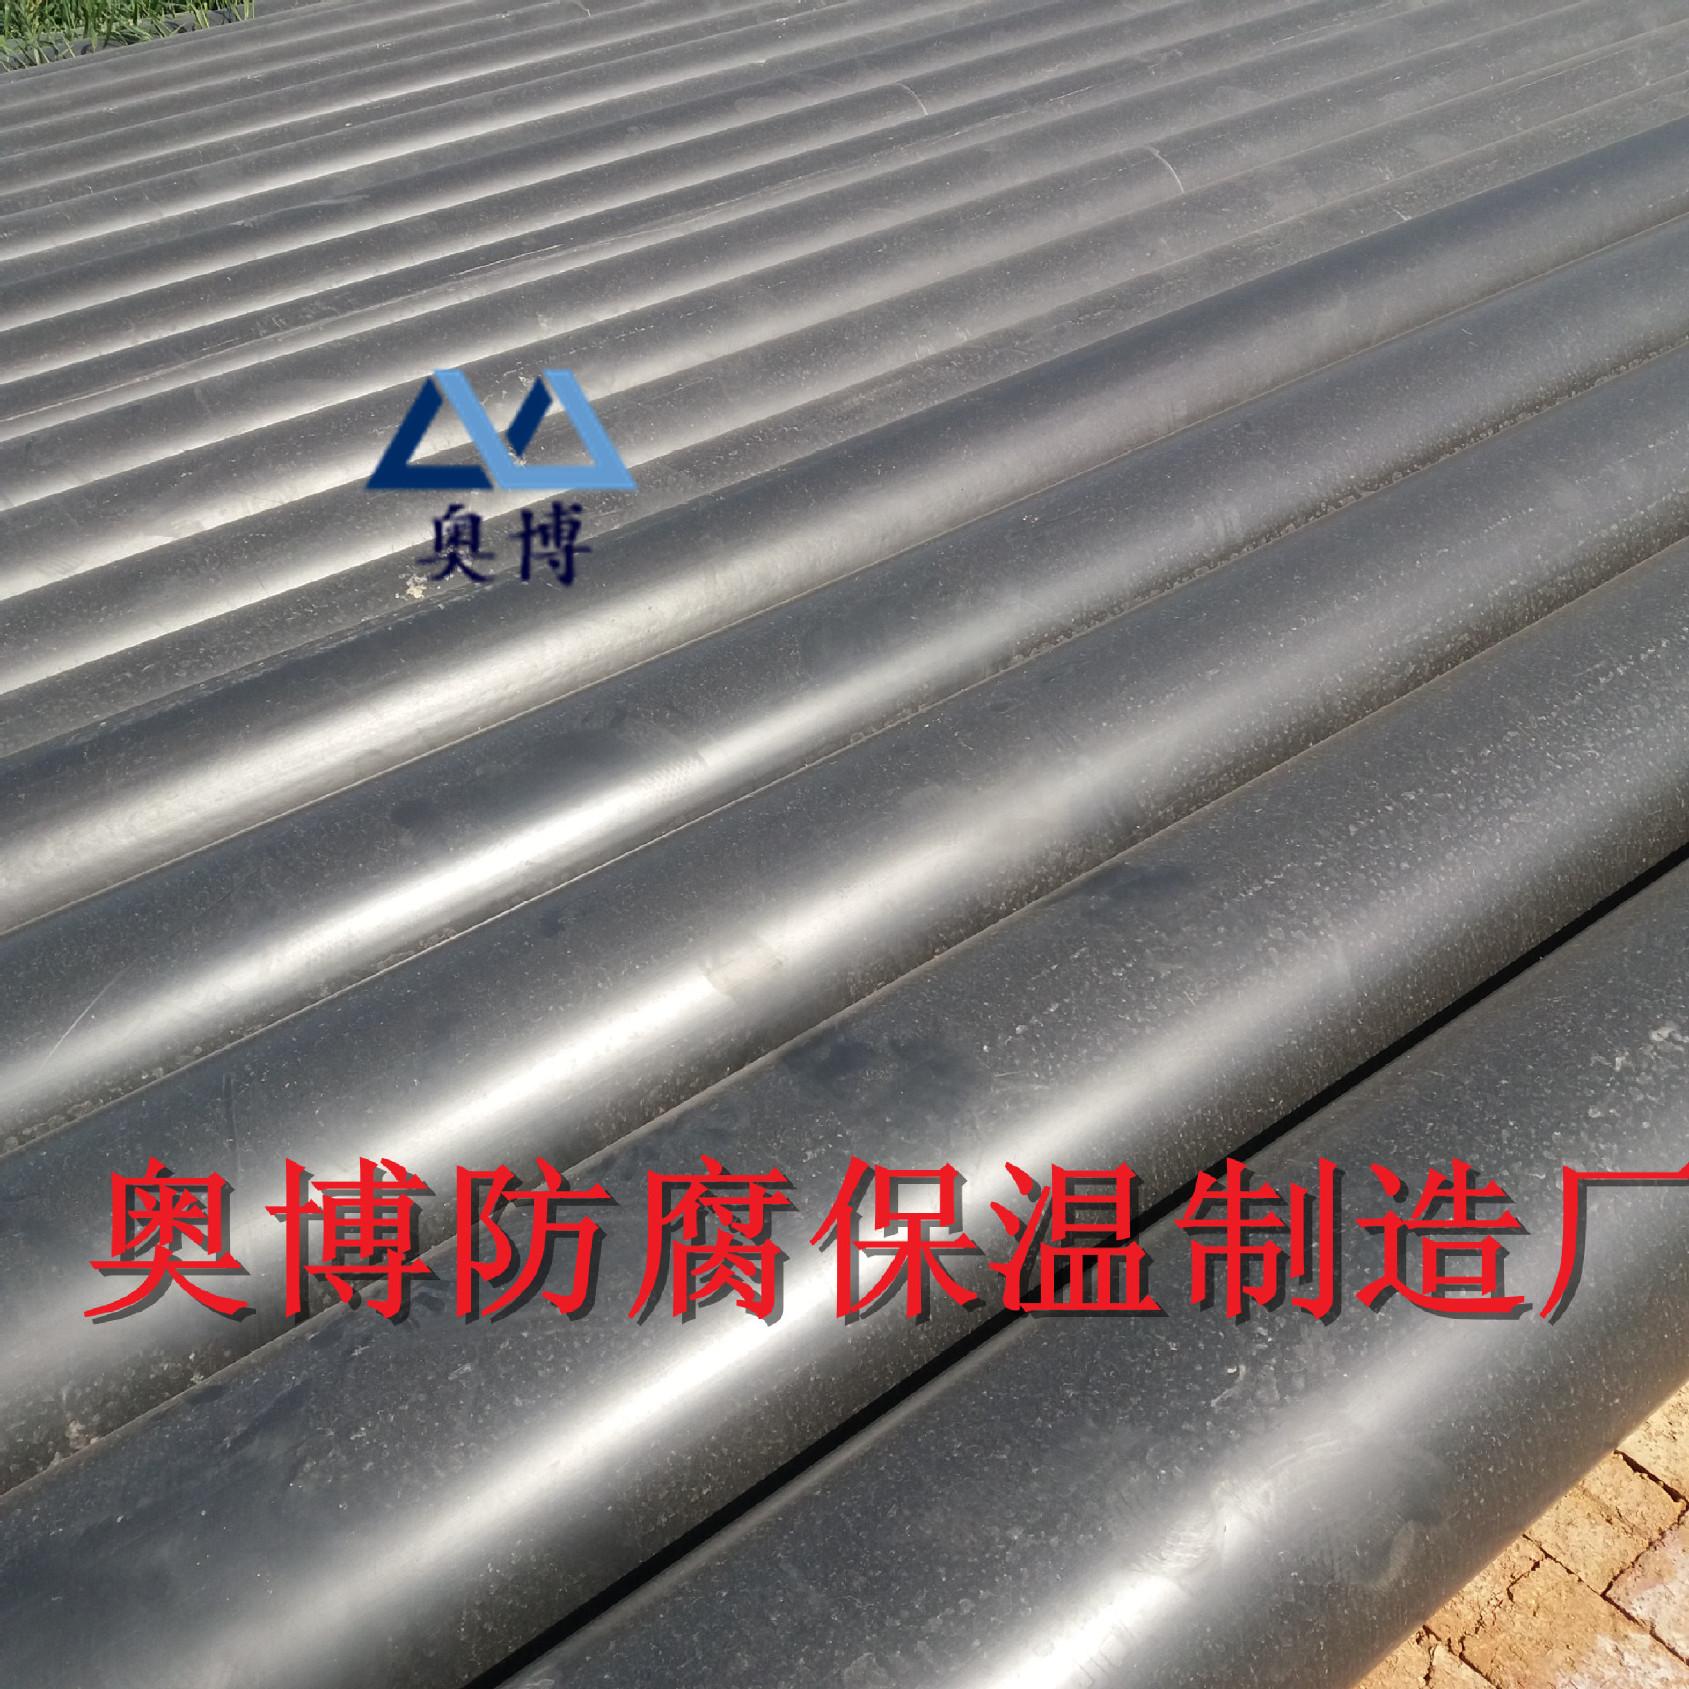 现货供应 保温钢管 预制保温钢管 厂家直销 直埋式保温管示例图9